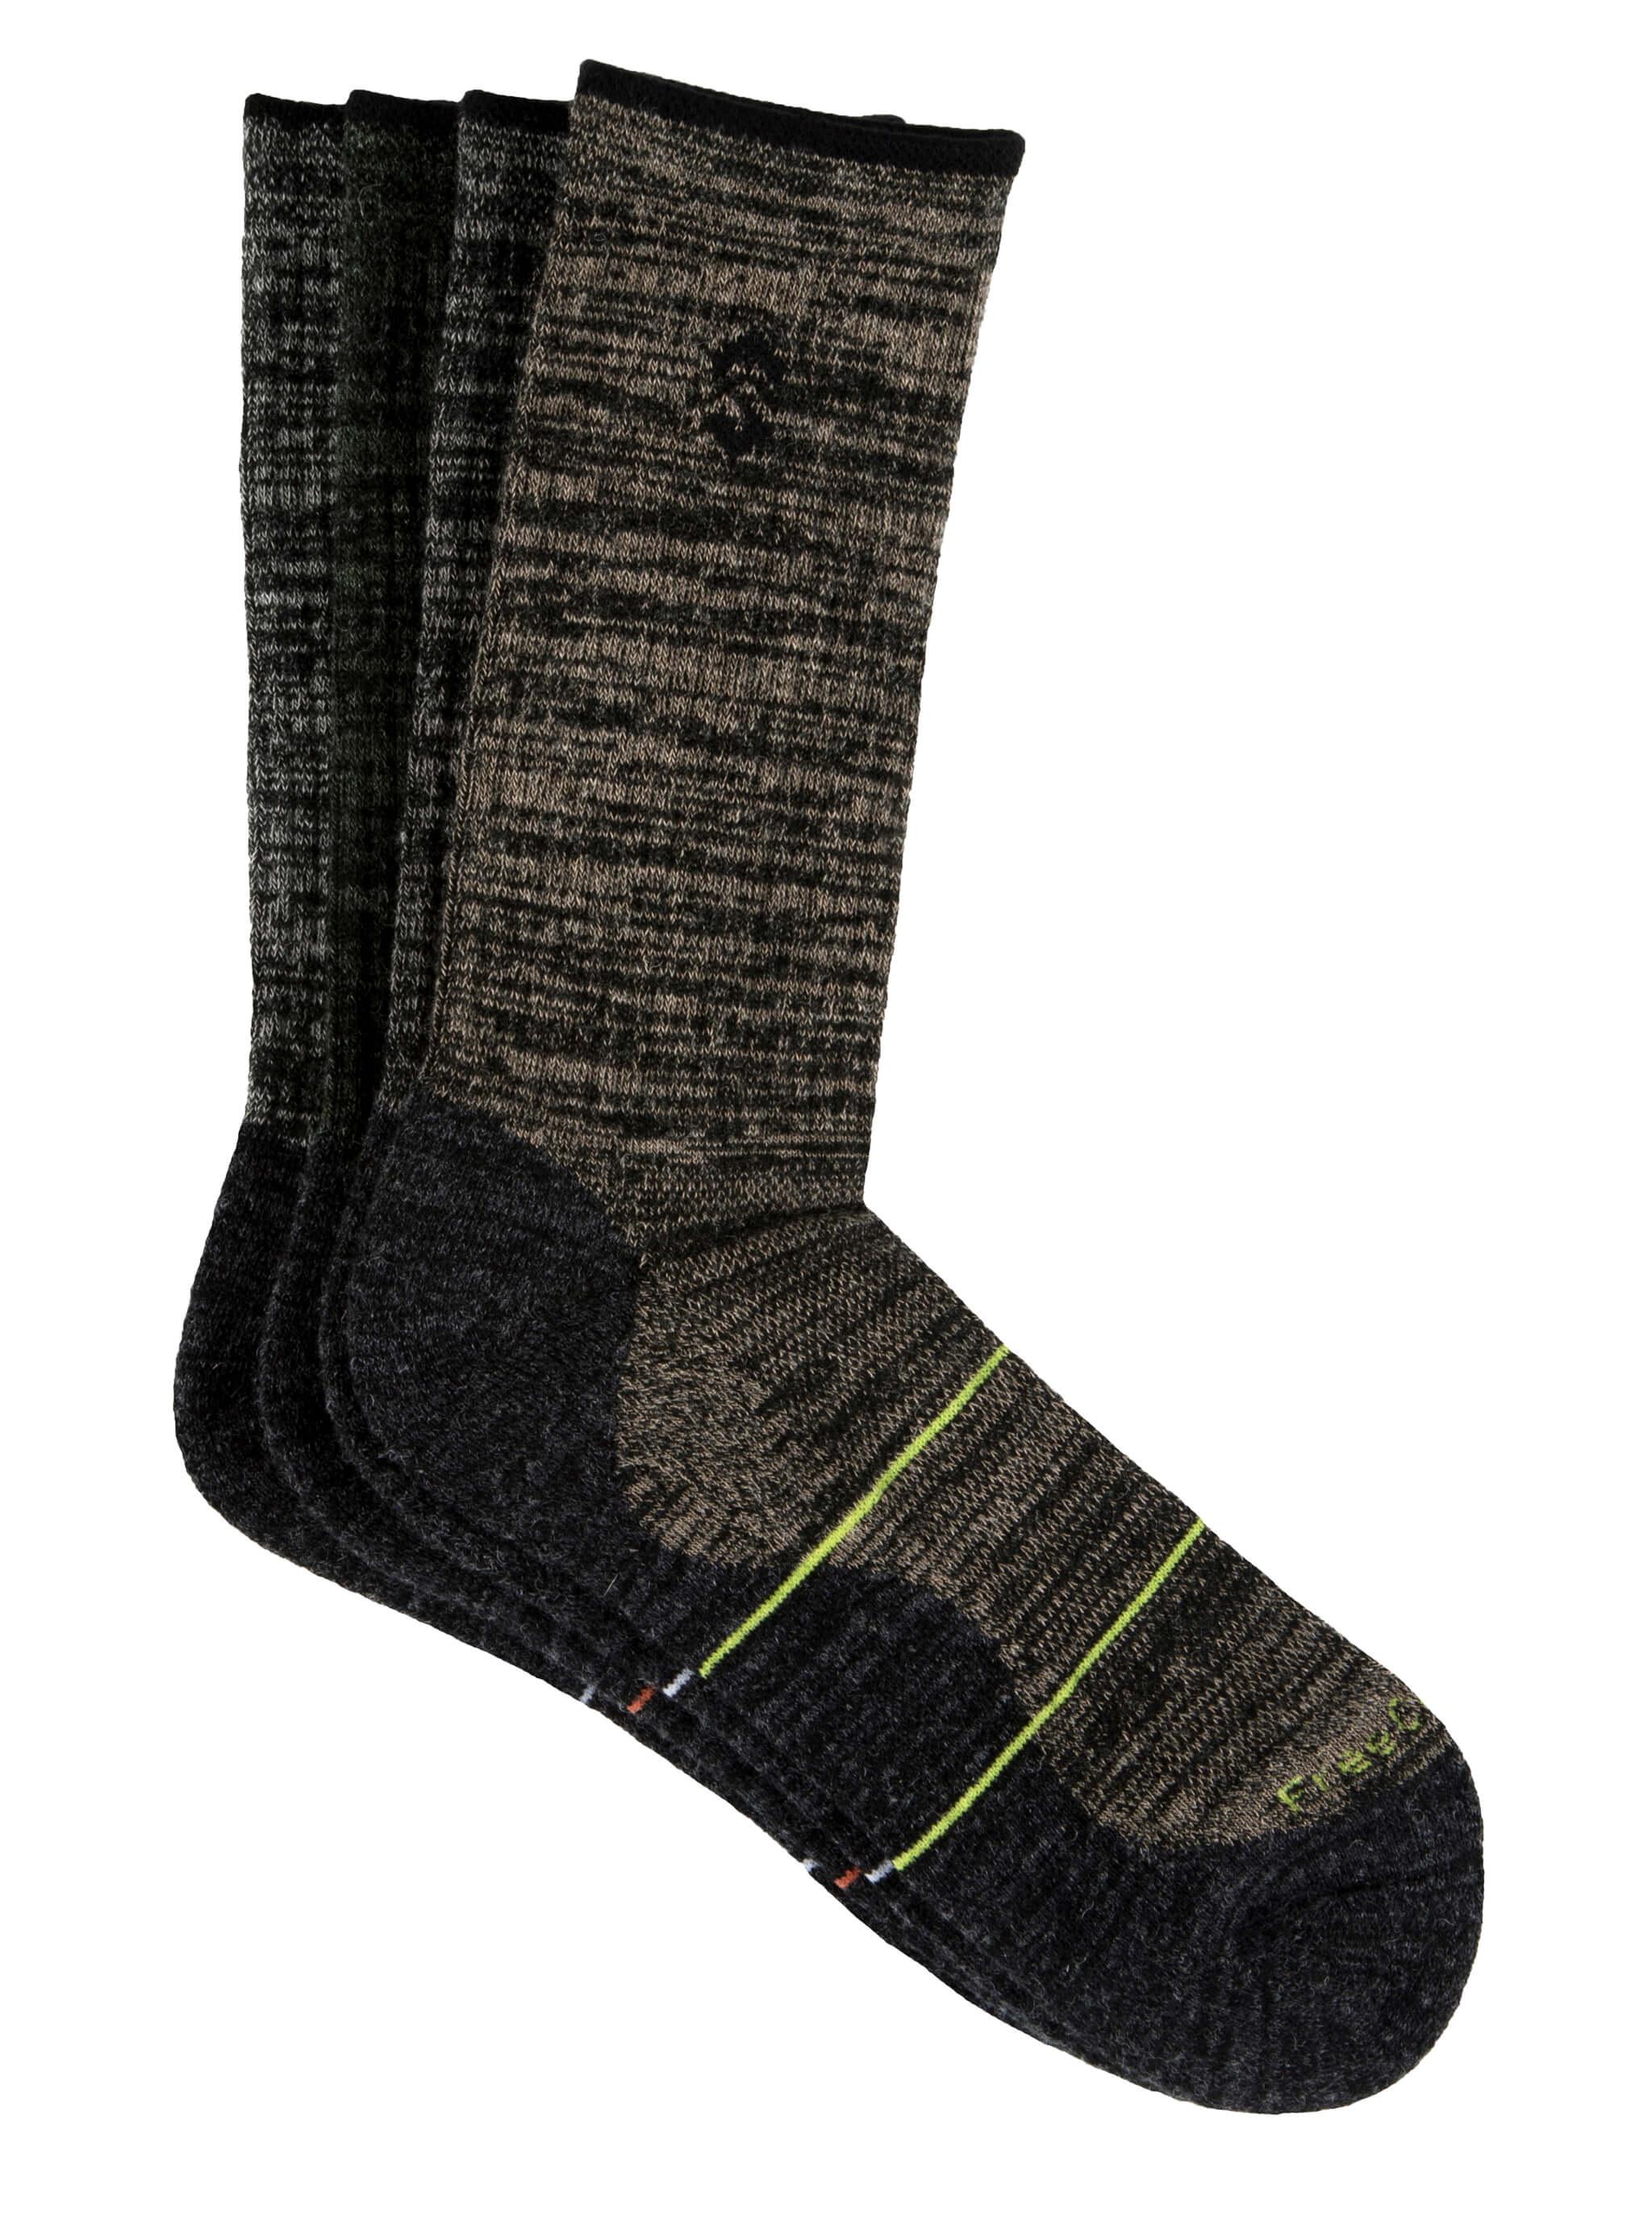 Free Country Men's Wool-Blend Black Marl Crew Socks - Black